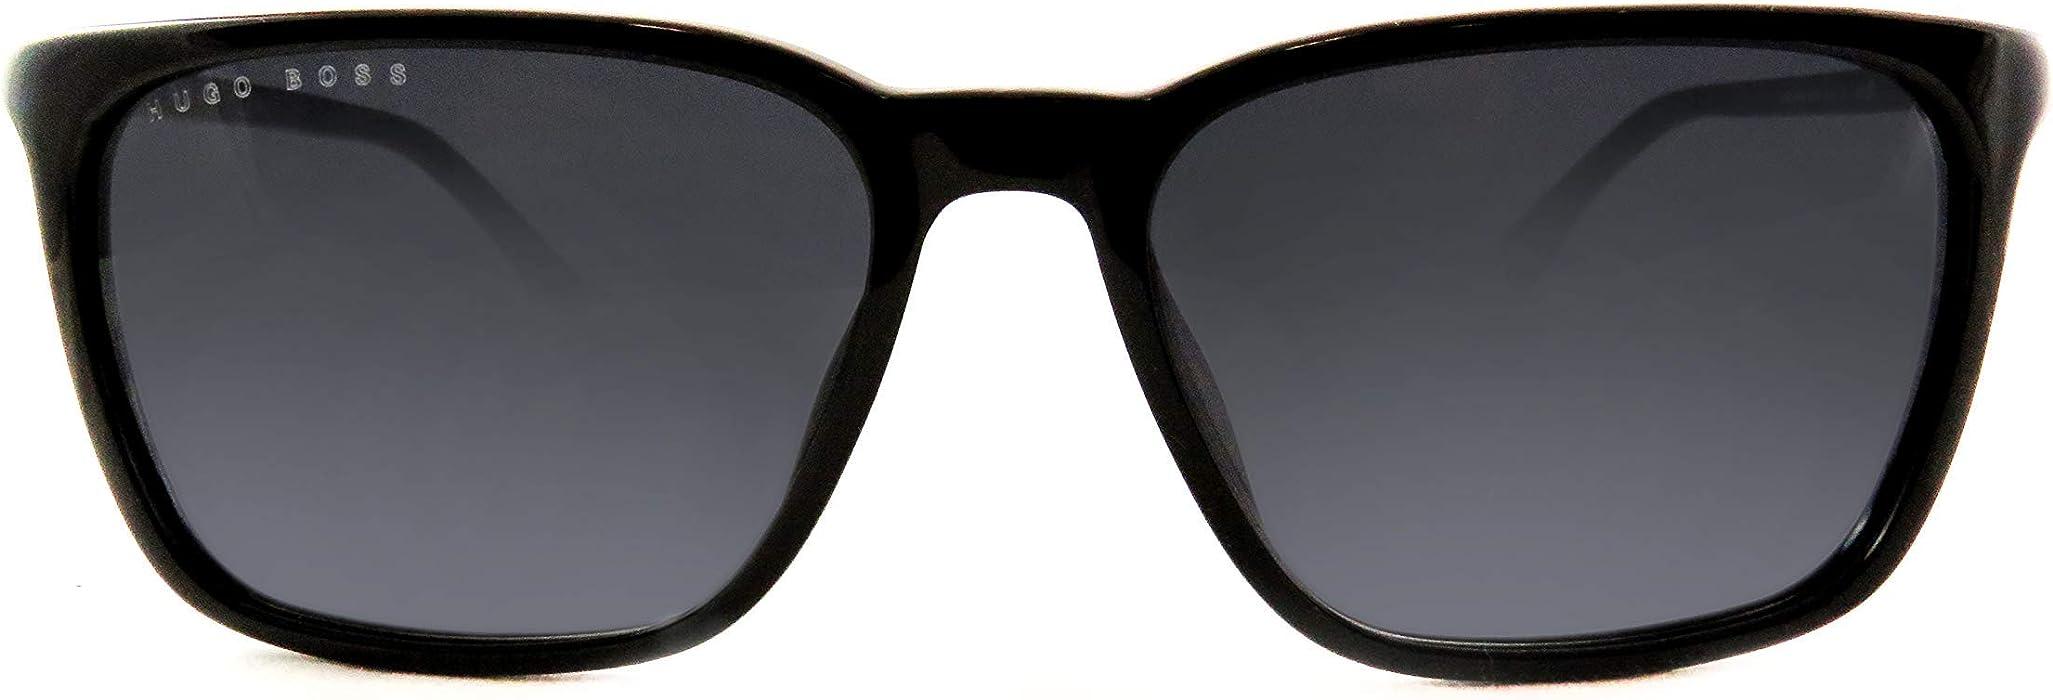 b6036923058 BOSS by Hugo Boss Men s Boss 0922 s Polarized Oval Sunglasses BLACK 51 mm